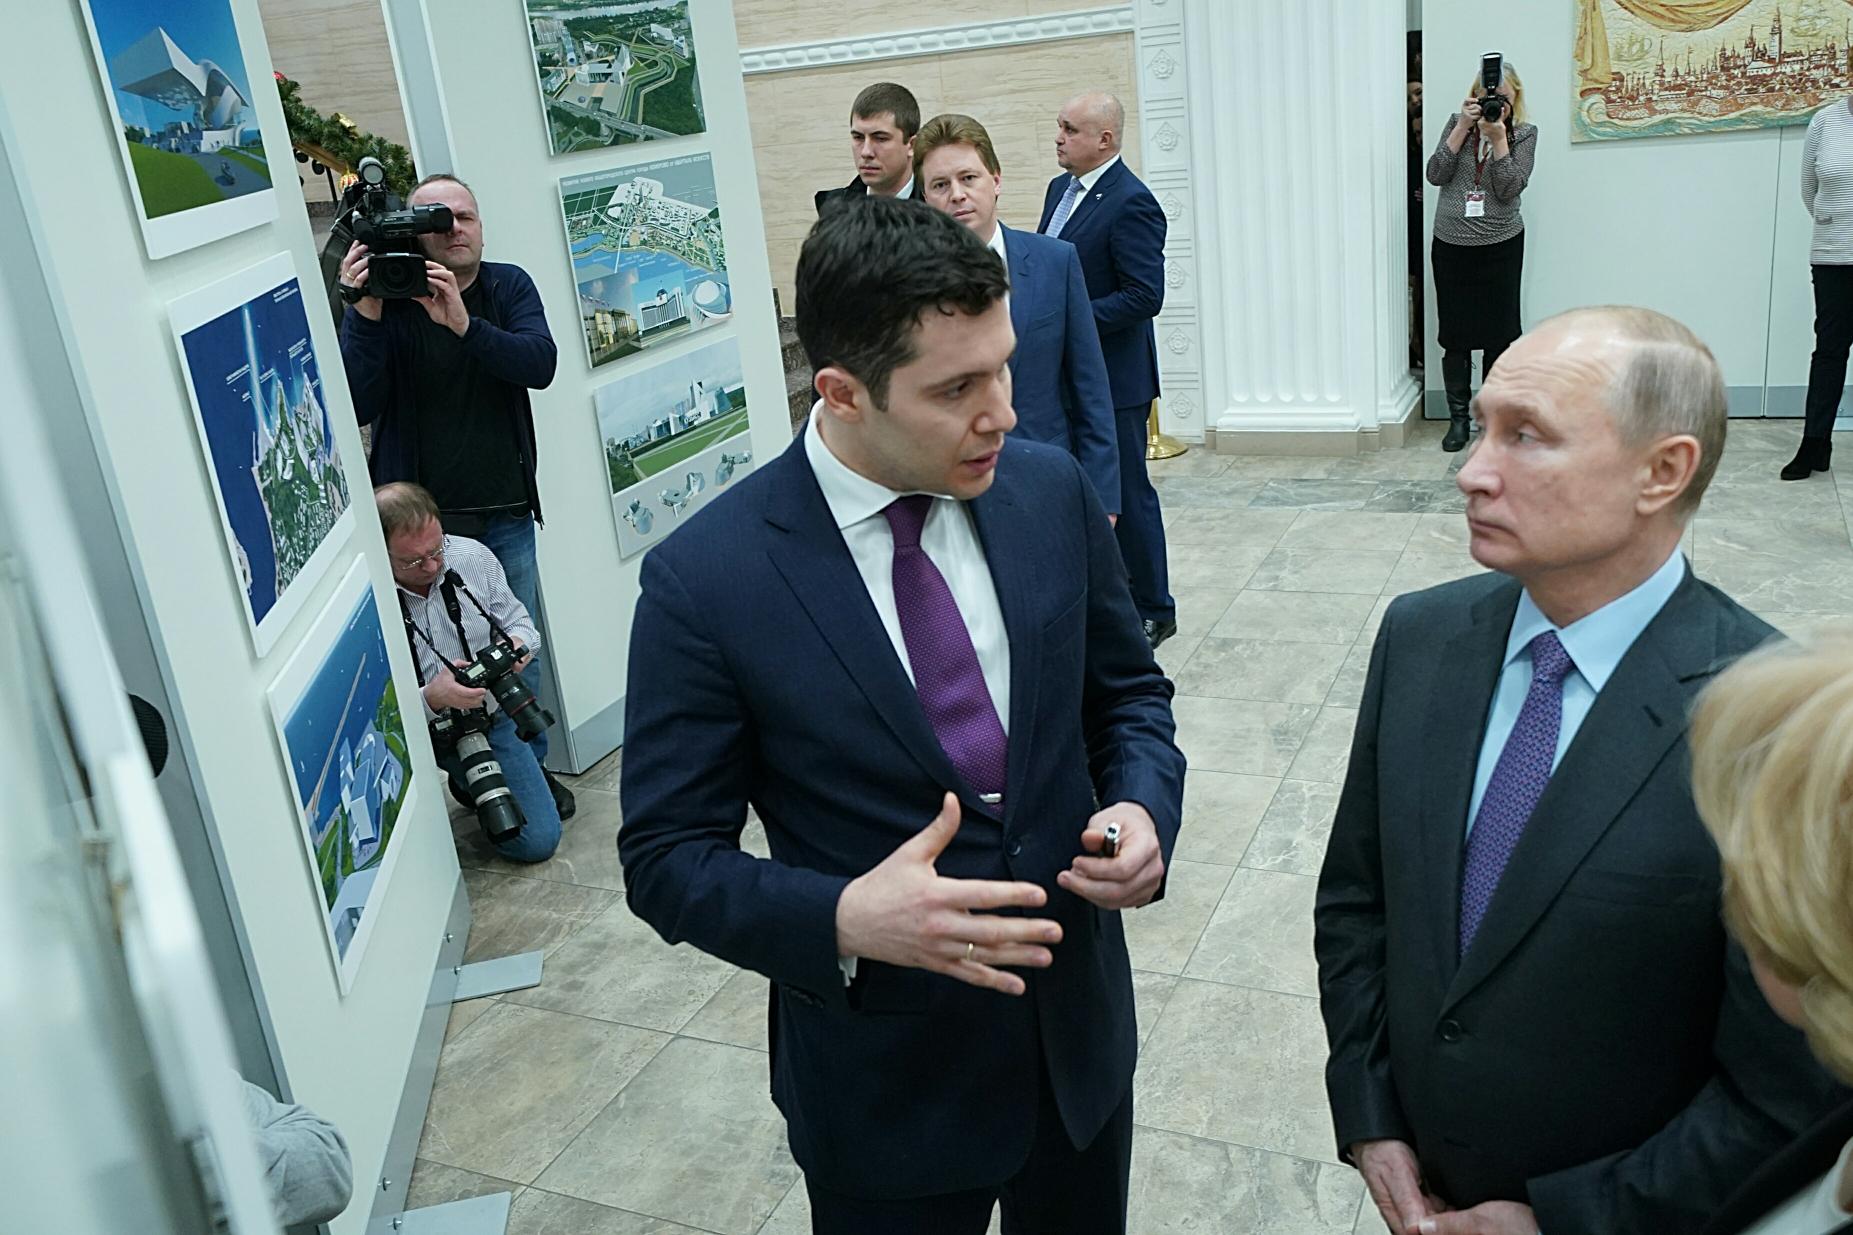 Фото: Пресс-служба правительства области